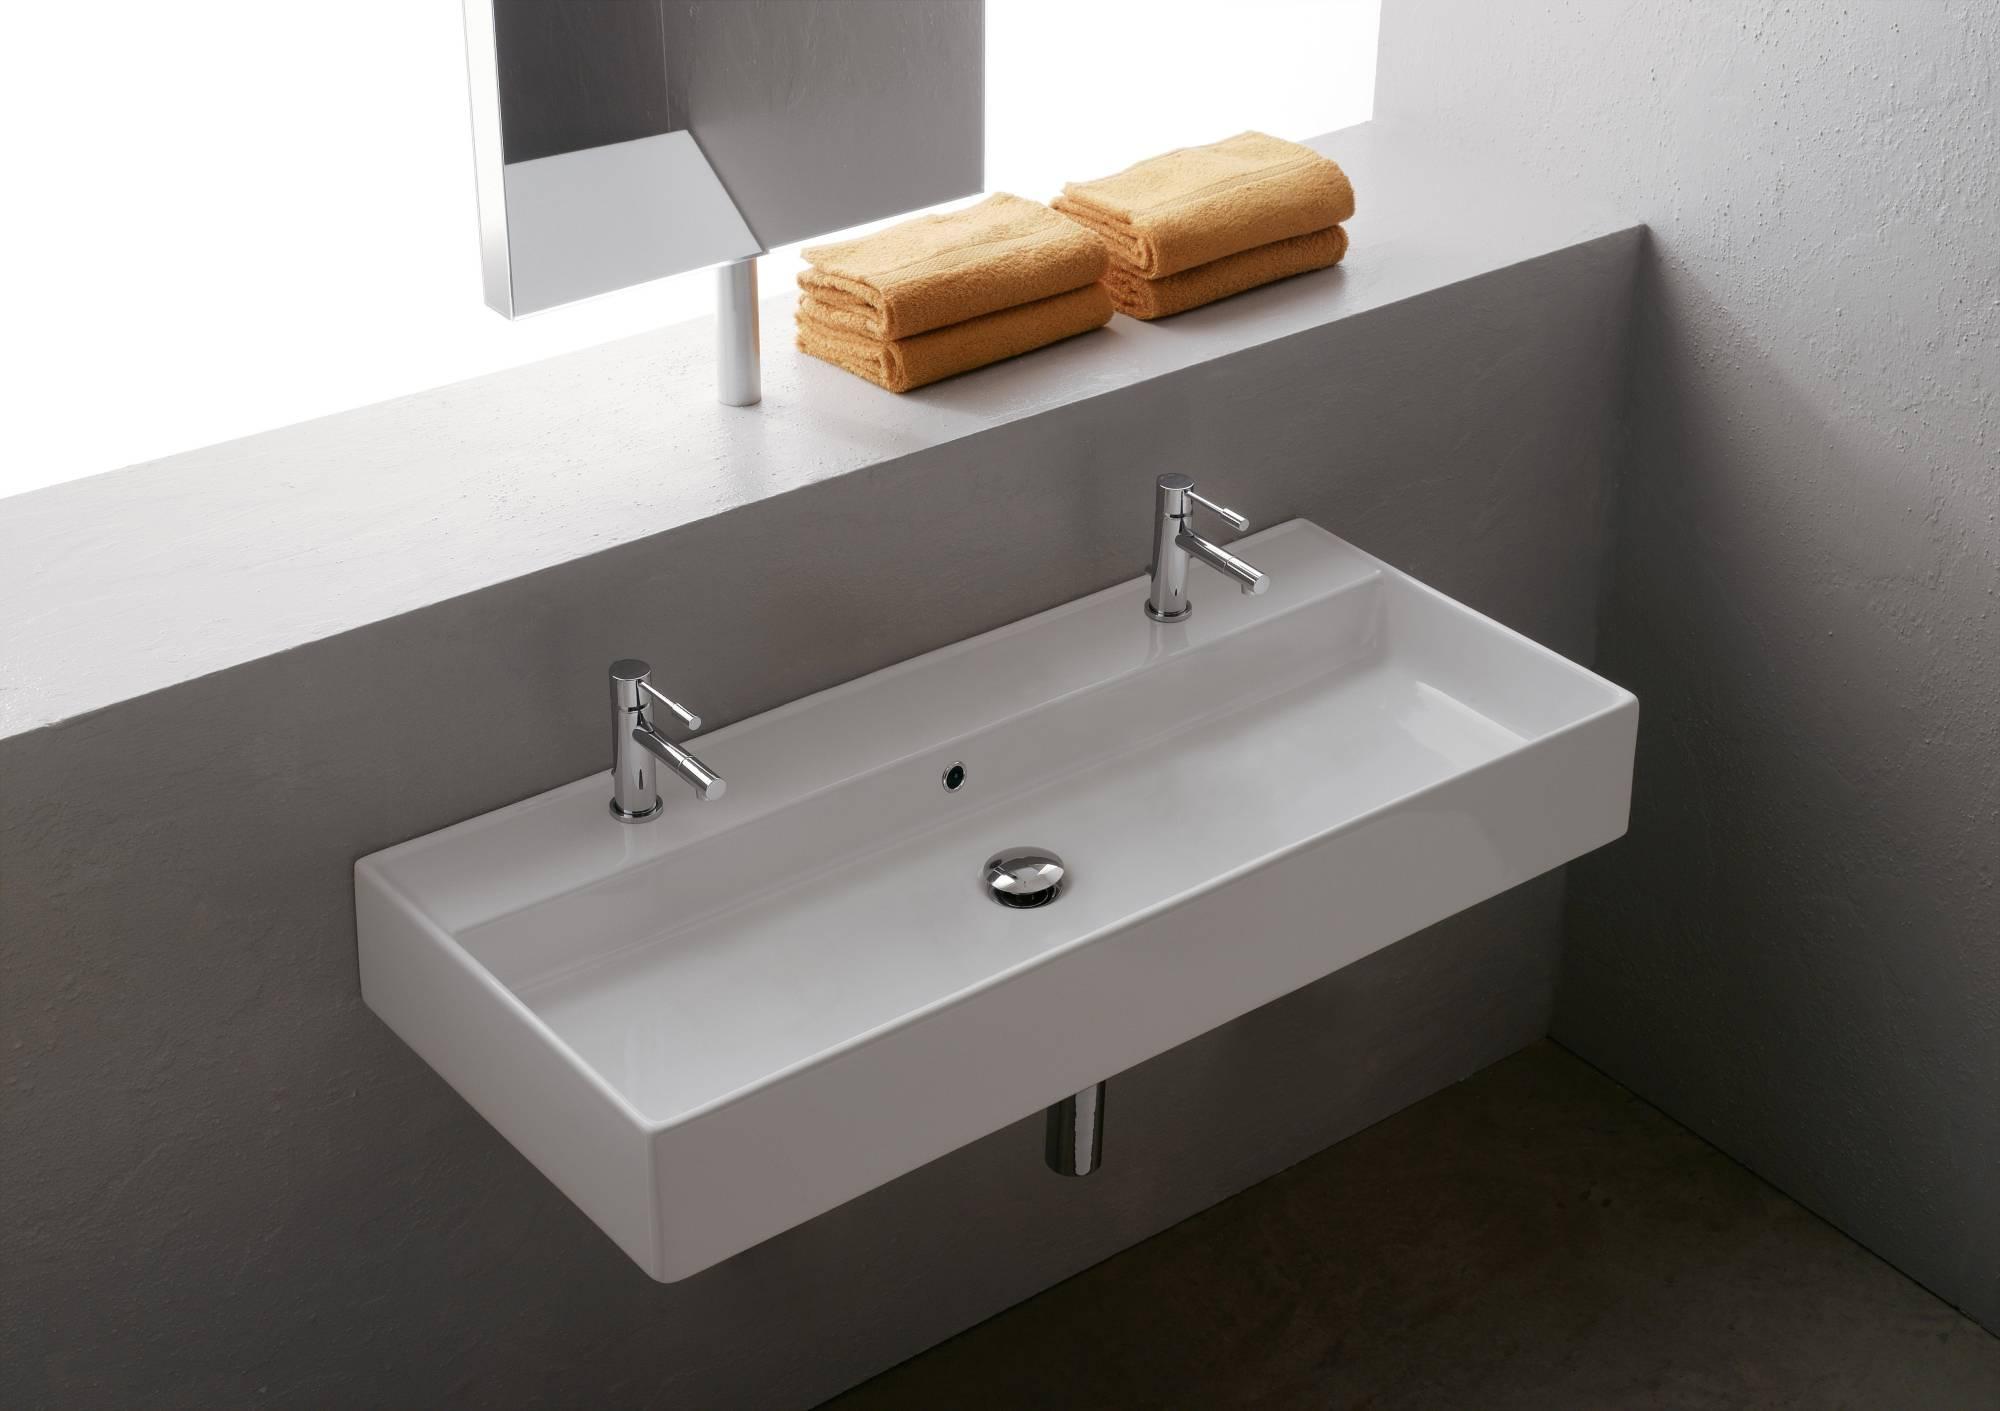 lavabo_da_appoggio_o_sospeso_con_due_fori_rubinetto_thin_line_teorema_scarabeo